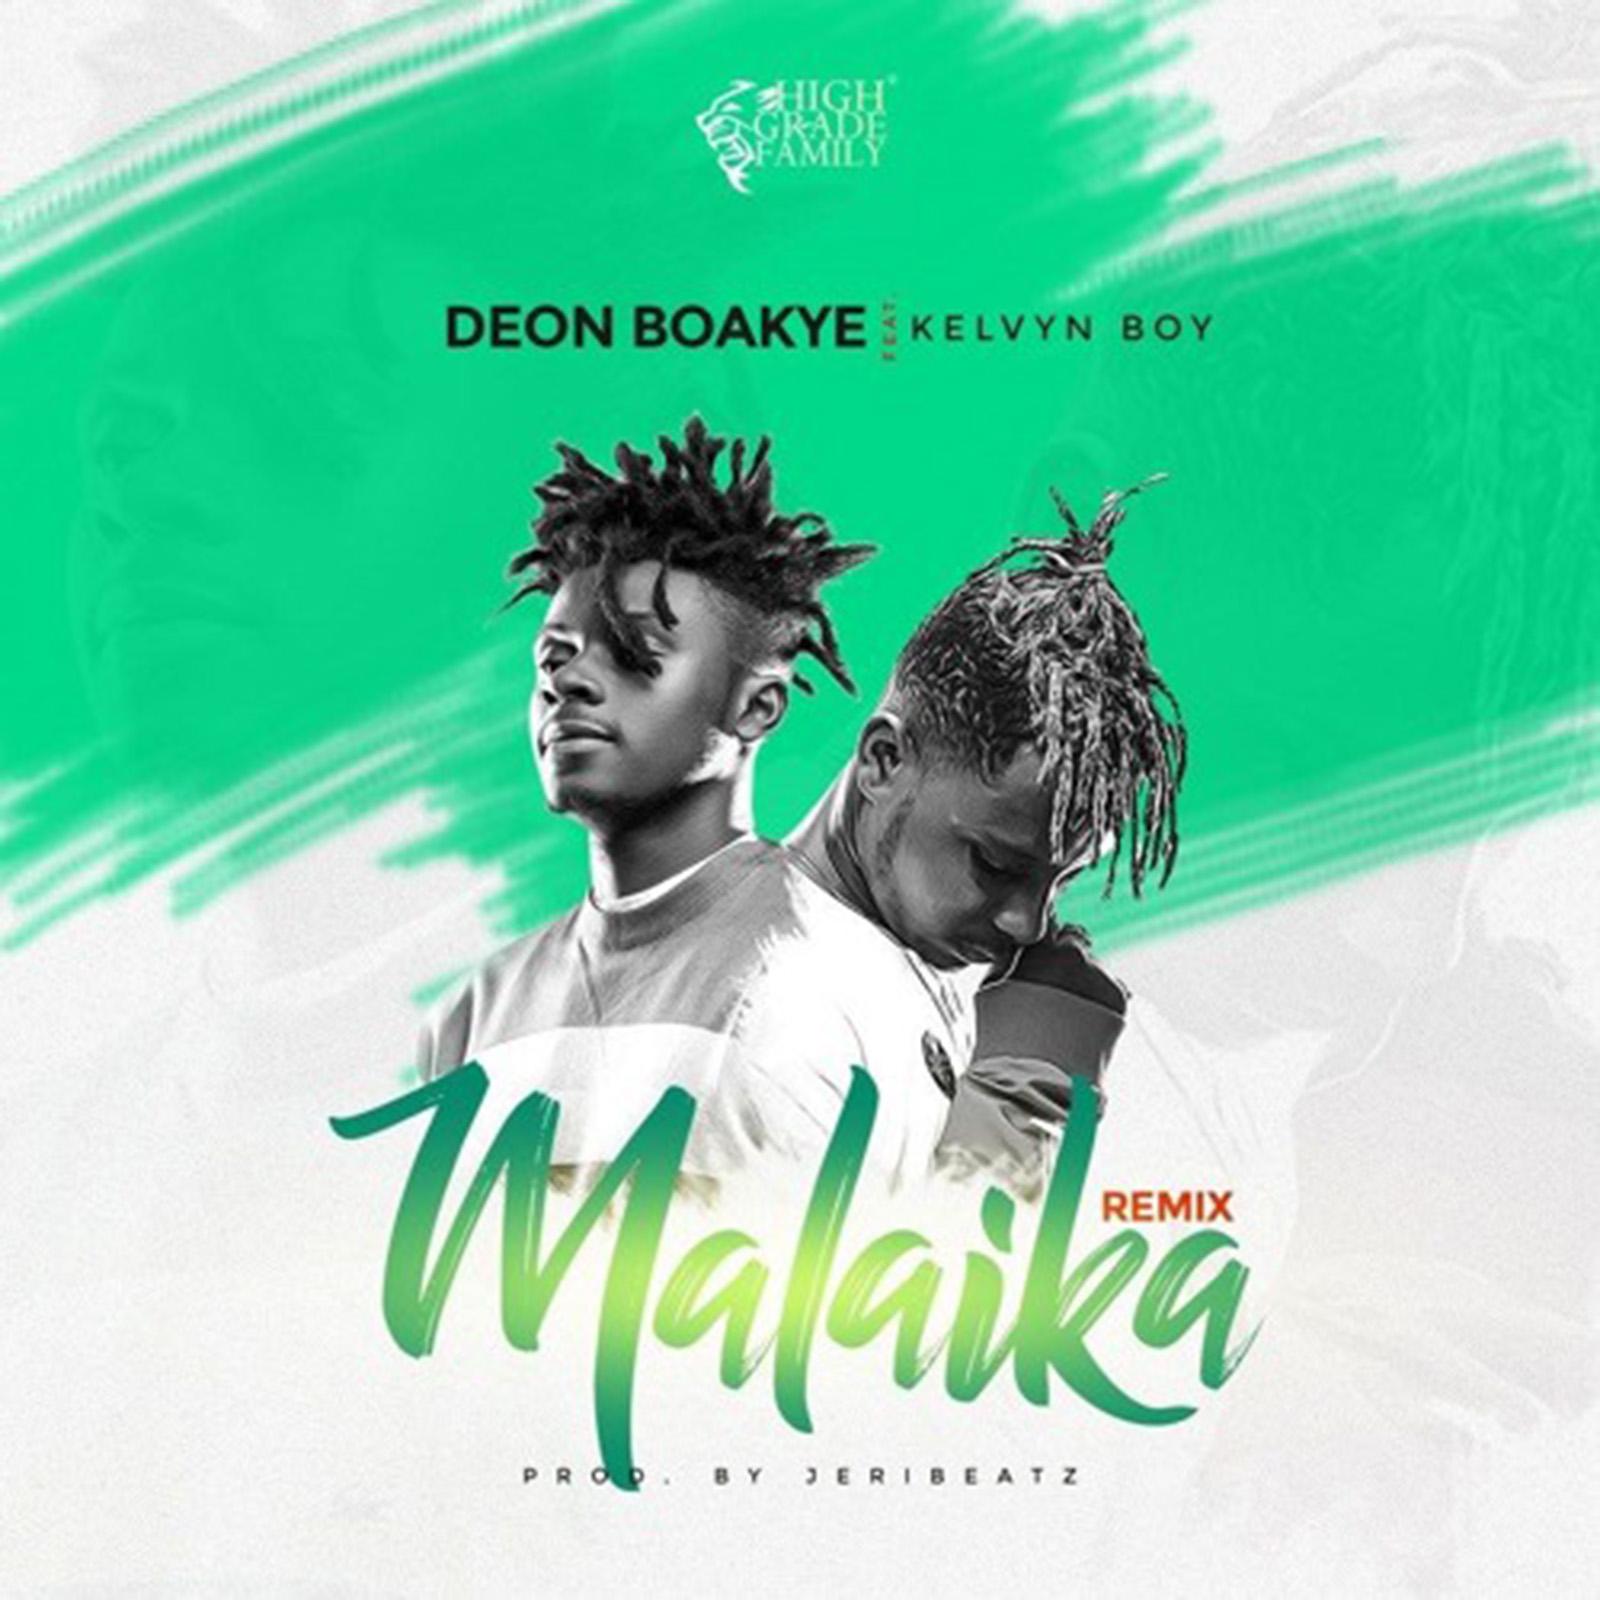 Malaika Remix by Deon Boakye feat. Kelvyn Boy